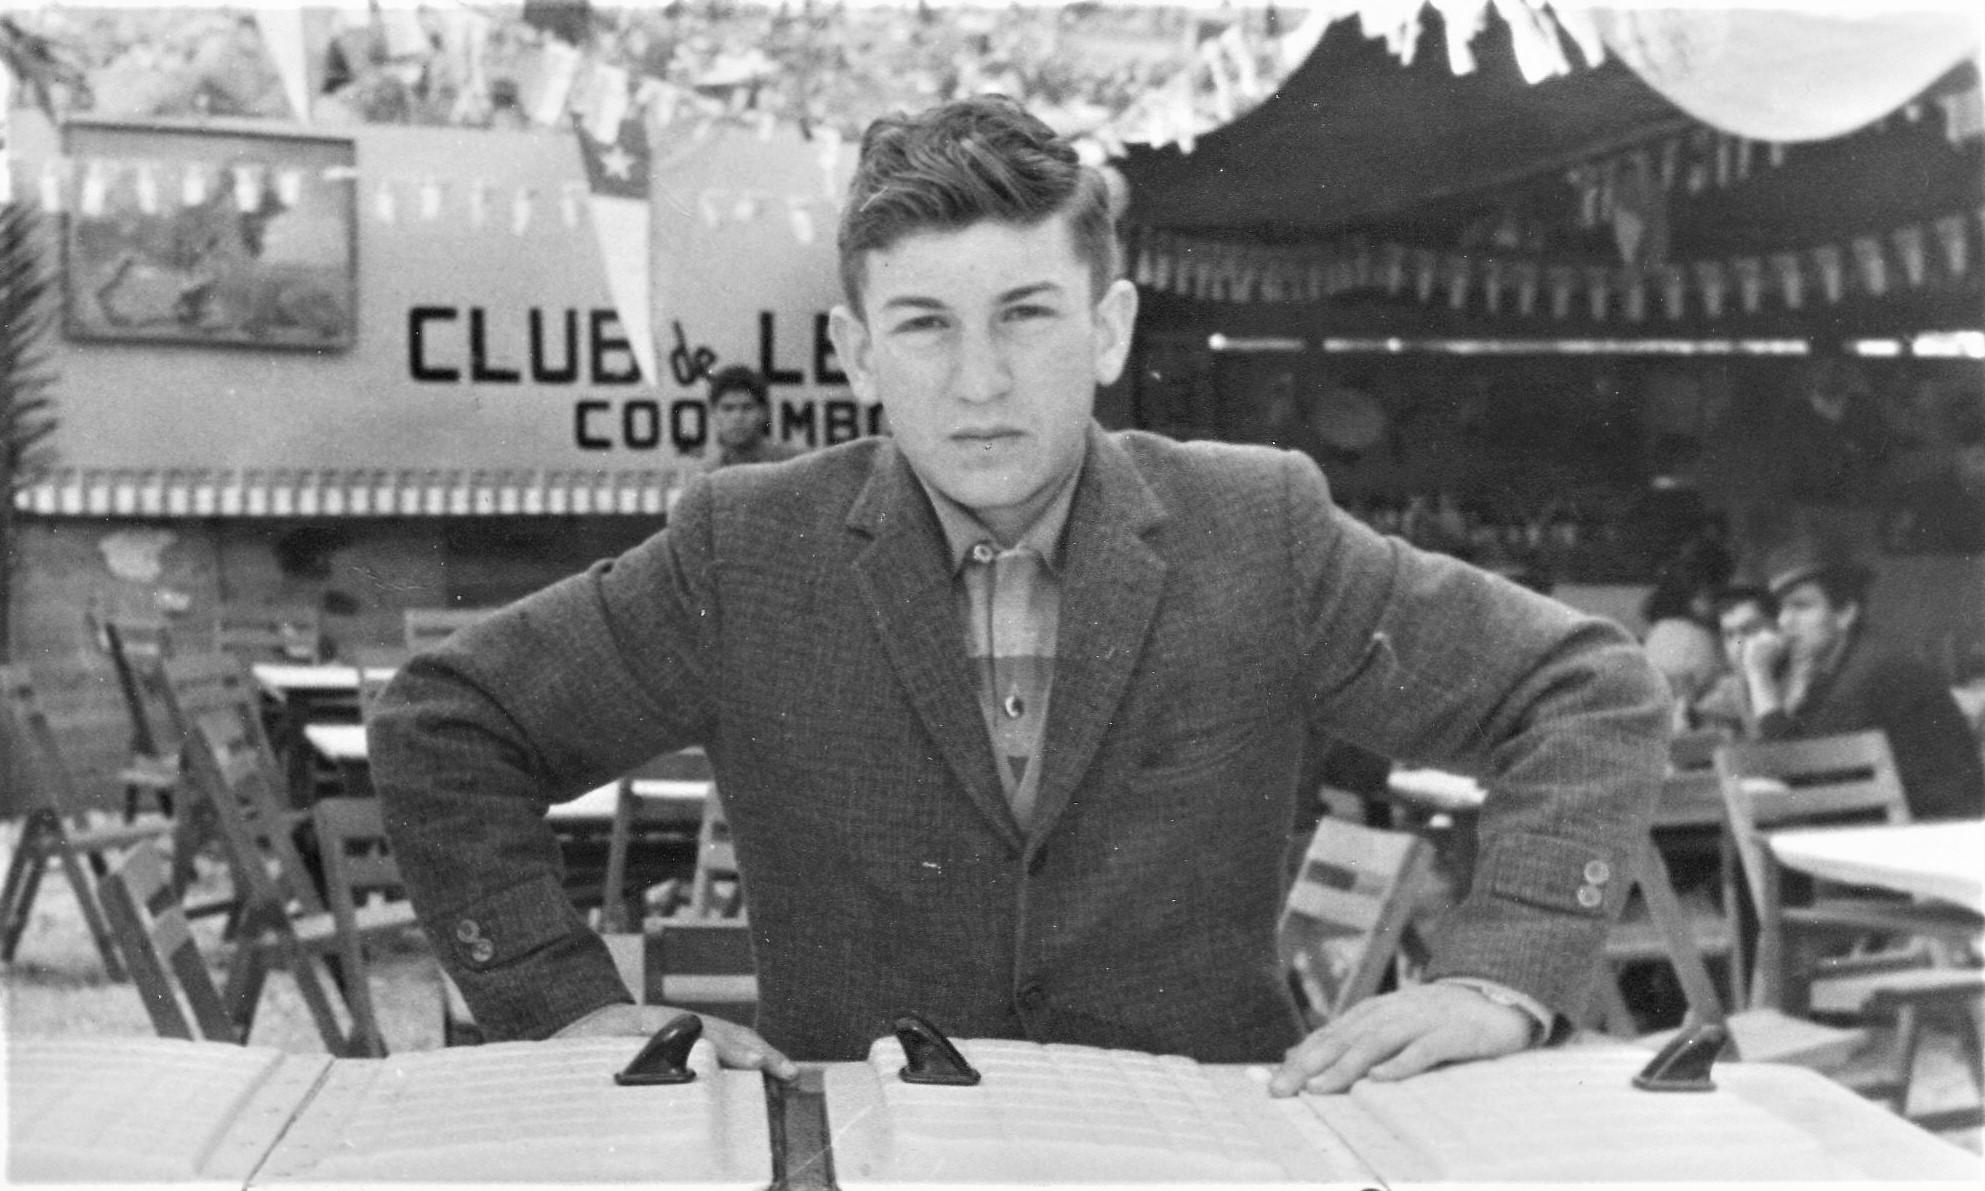 Enterreno - Fotos históricas de chile - fotos antiguas de Chile - Joven trabajando en La Pampilla en 1963